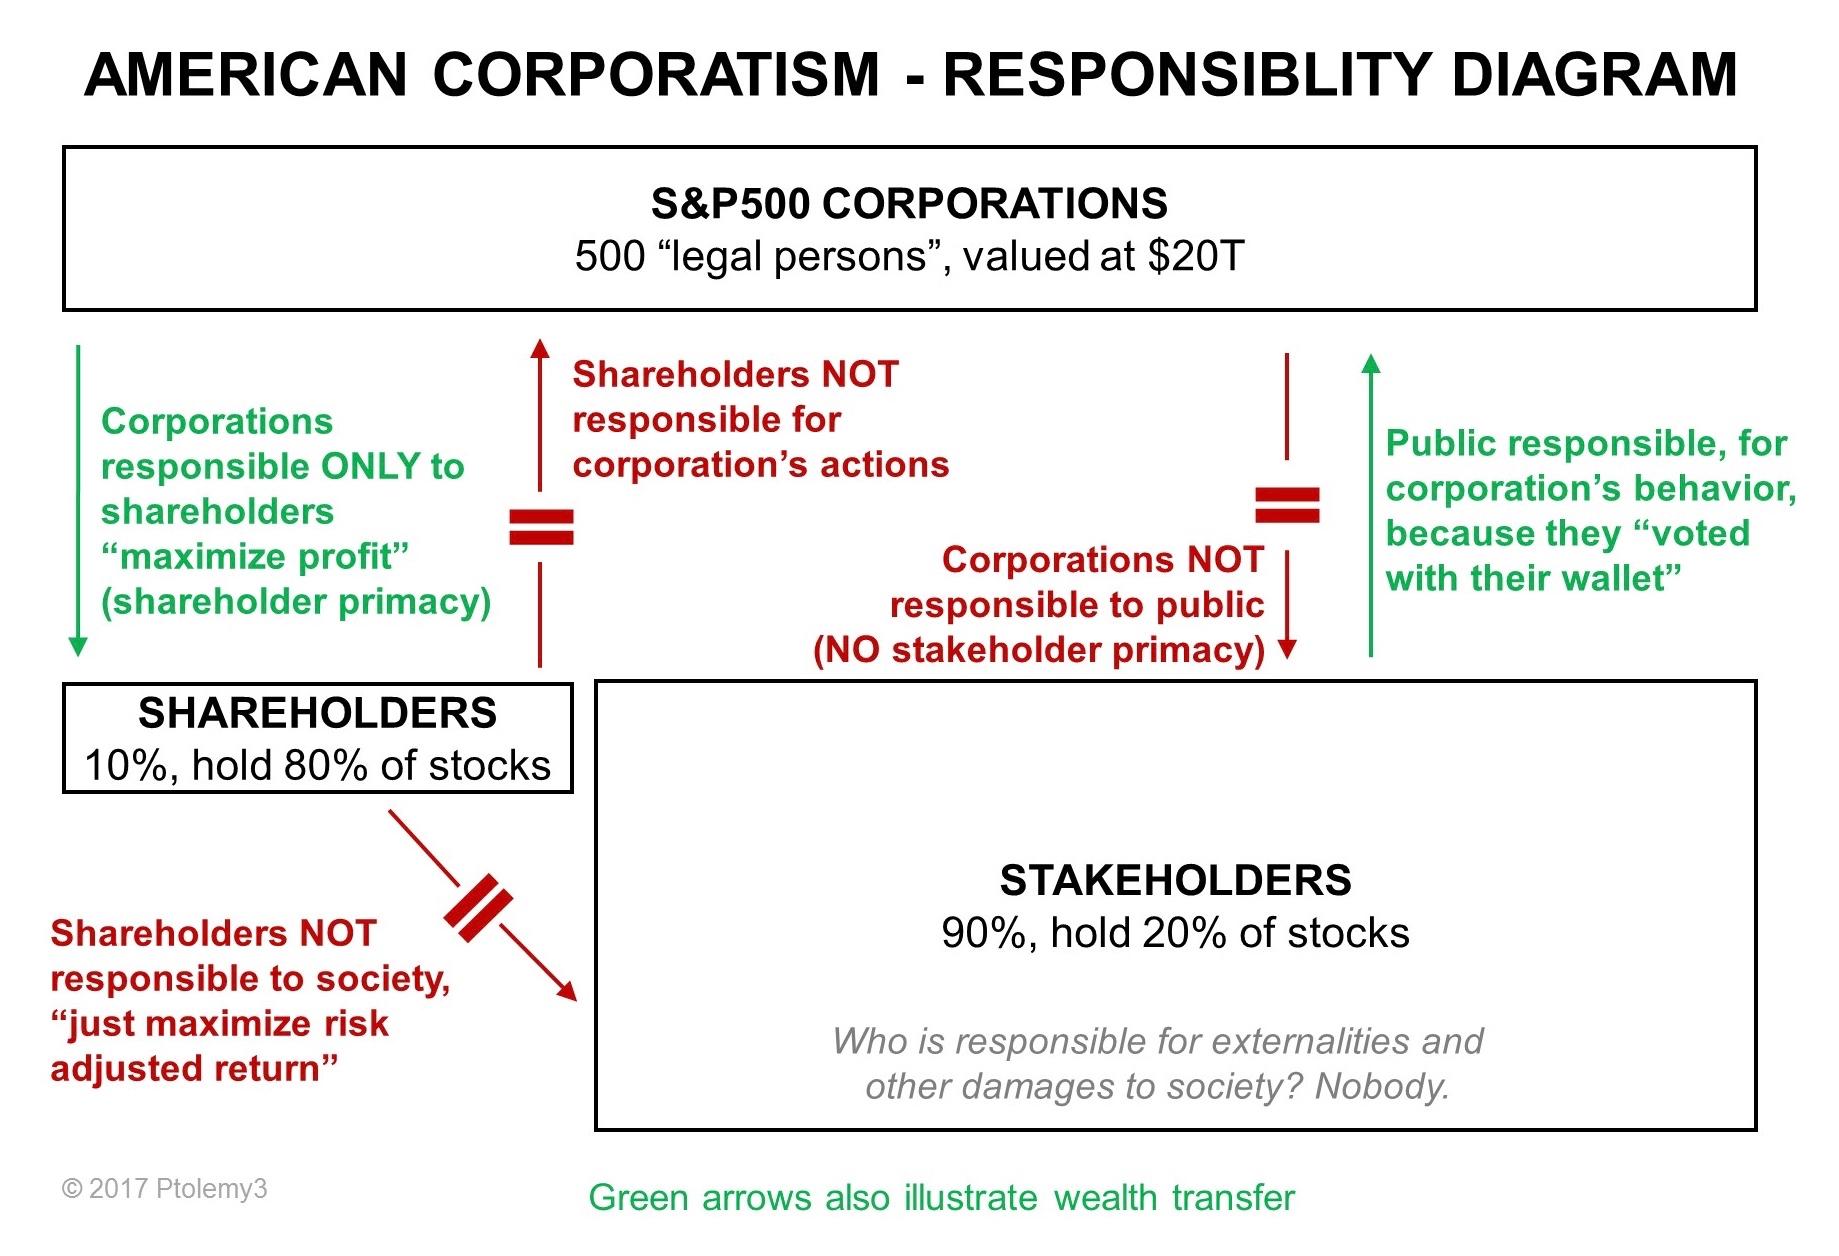 American Corporatism - Responsibility Diagram